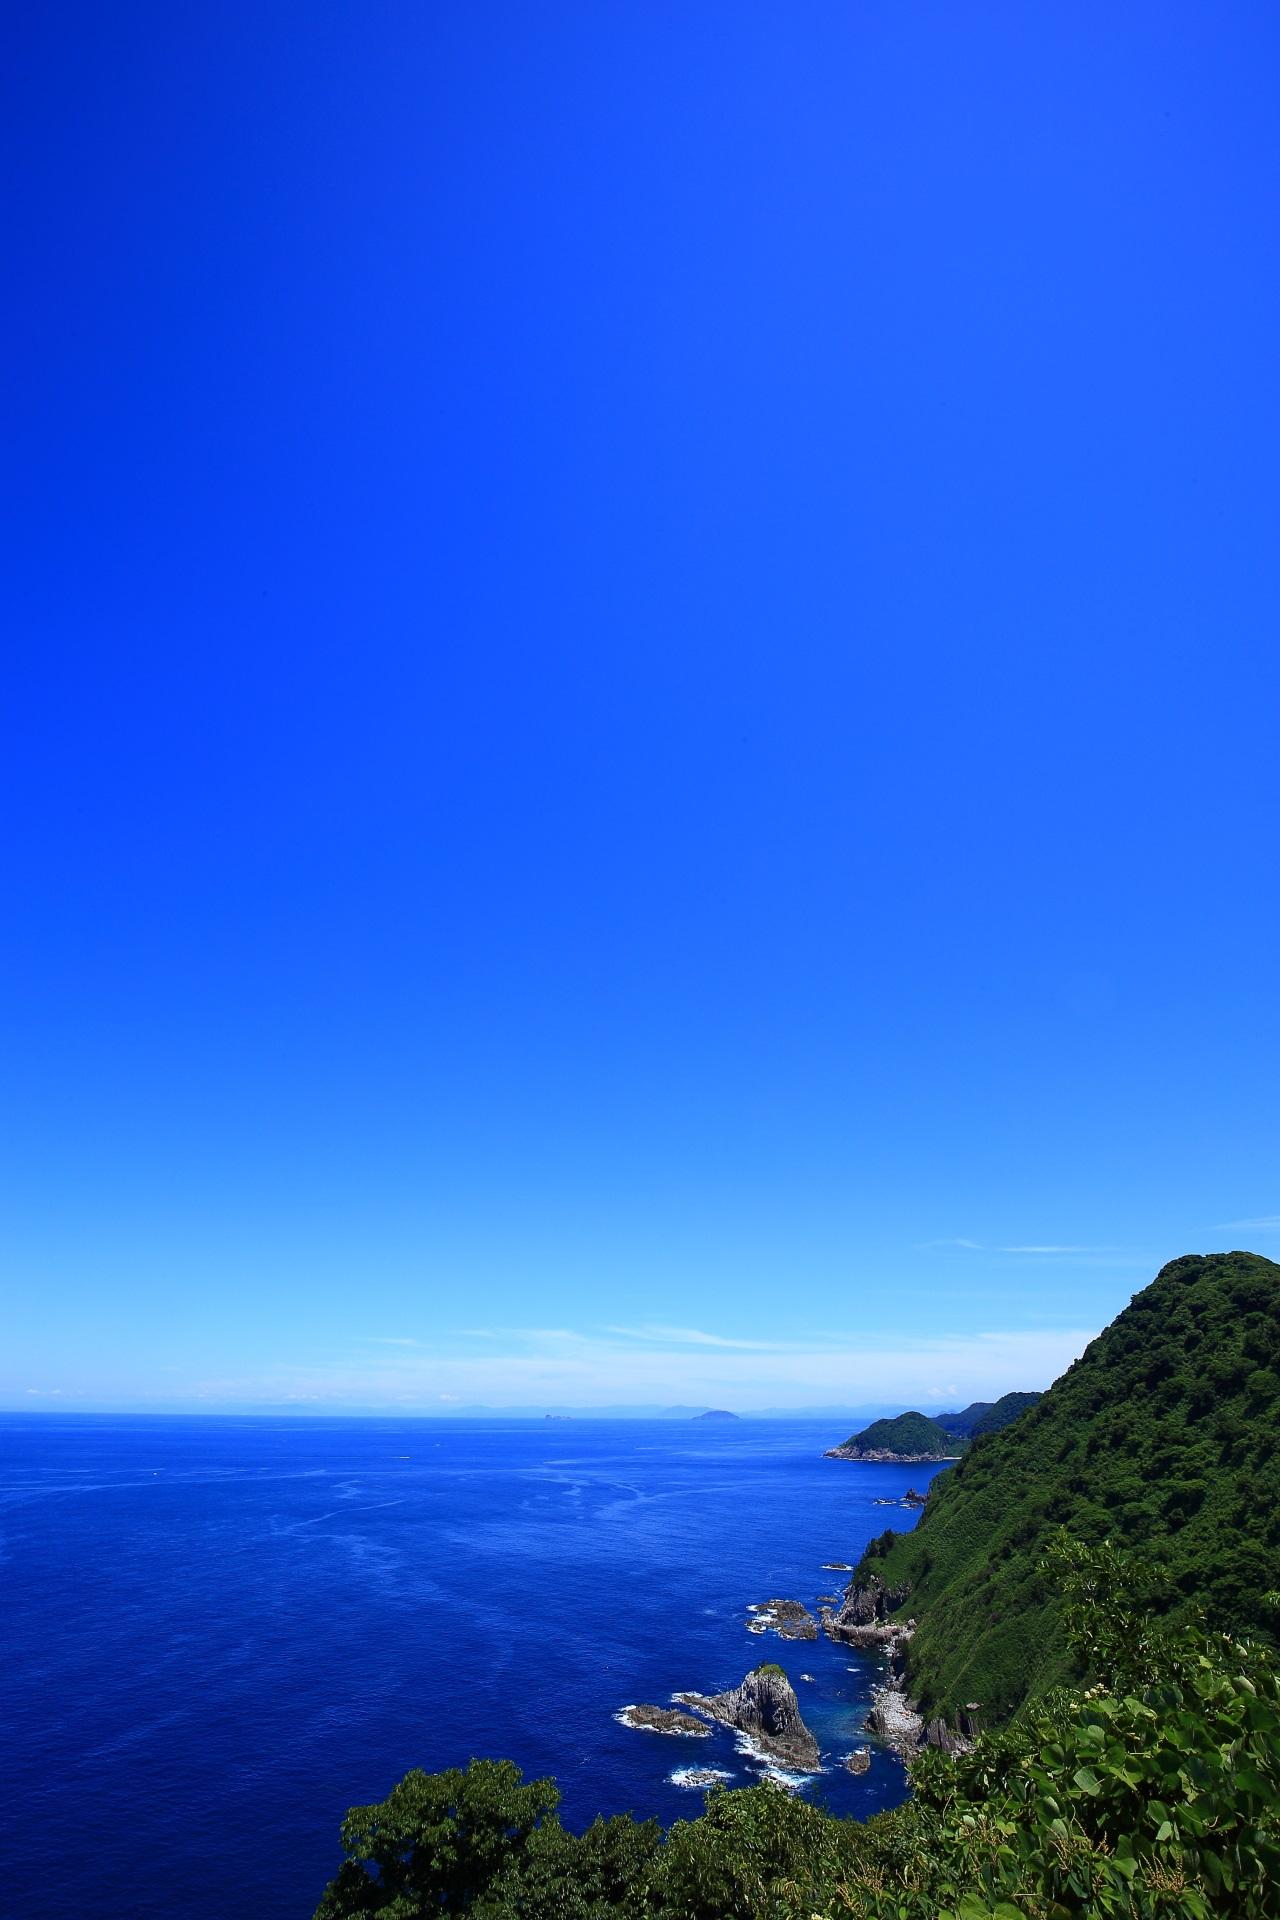 京都とは思えない京丹後の袖志の経ヶ岬の海の絶景